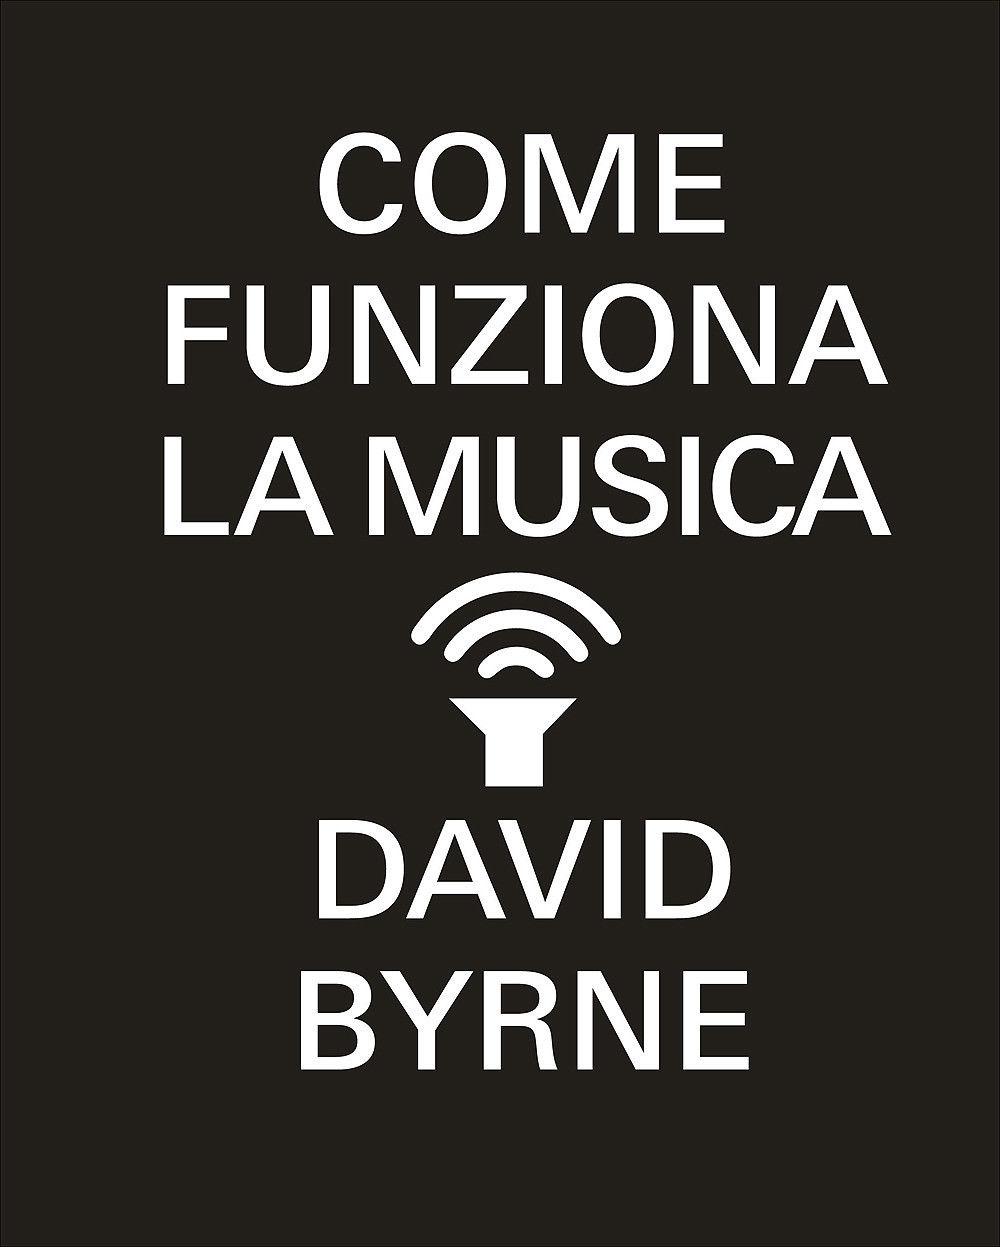 Come-funziona-la-musica-Byrne-David